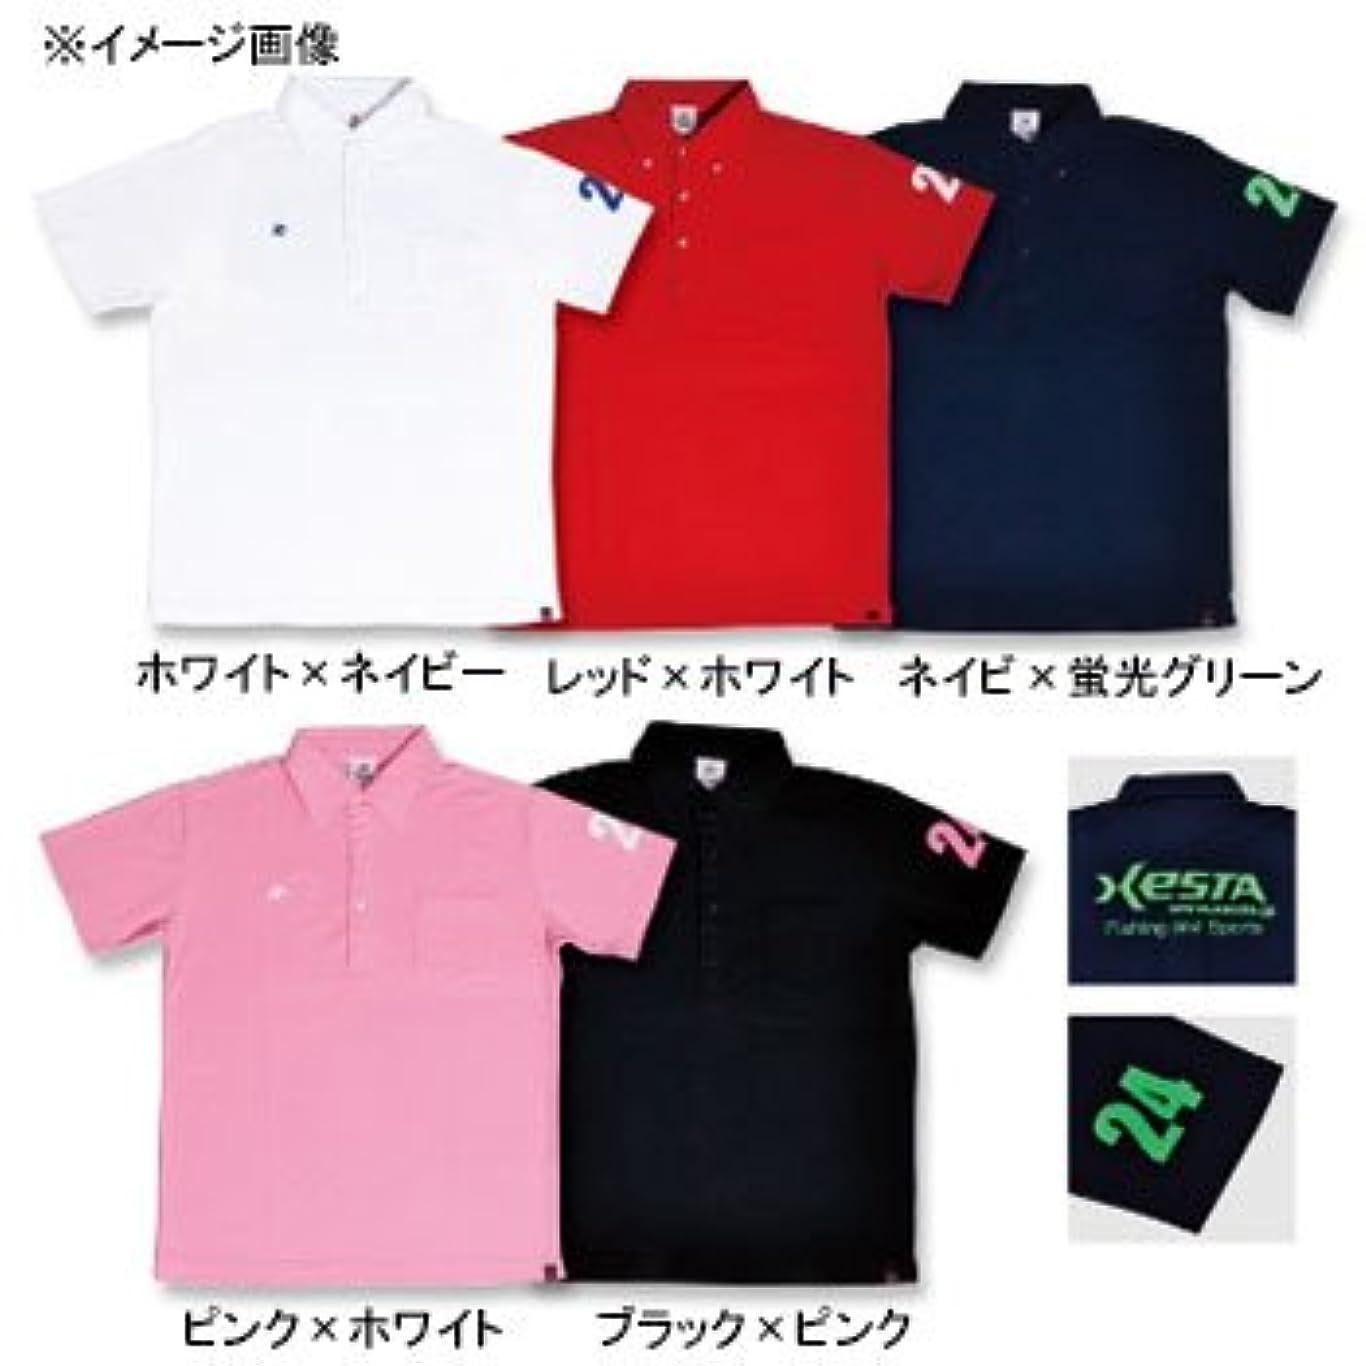 ゼスタ(XESTA) ドライポロシャツ ネイビー L